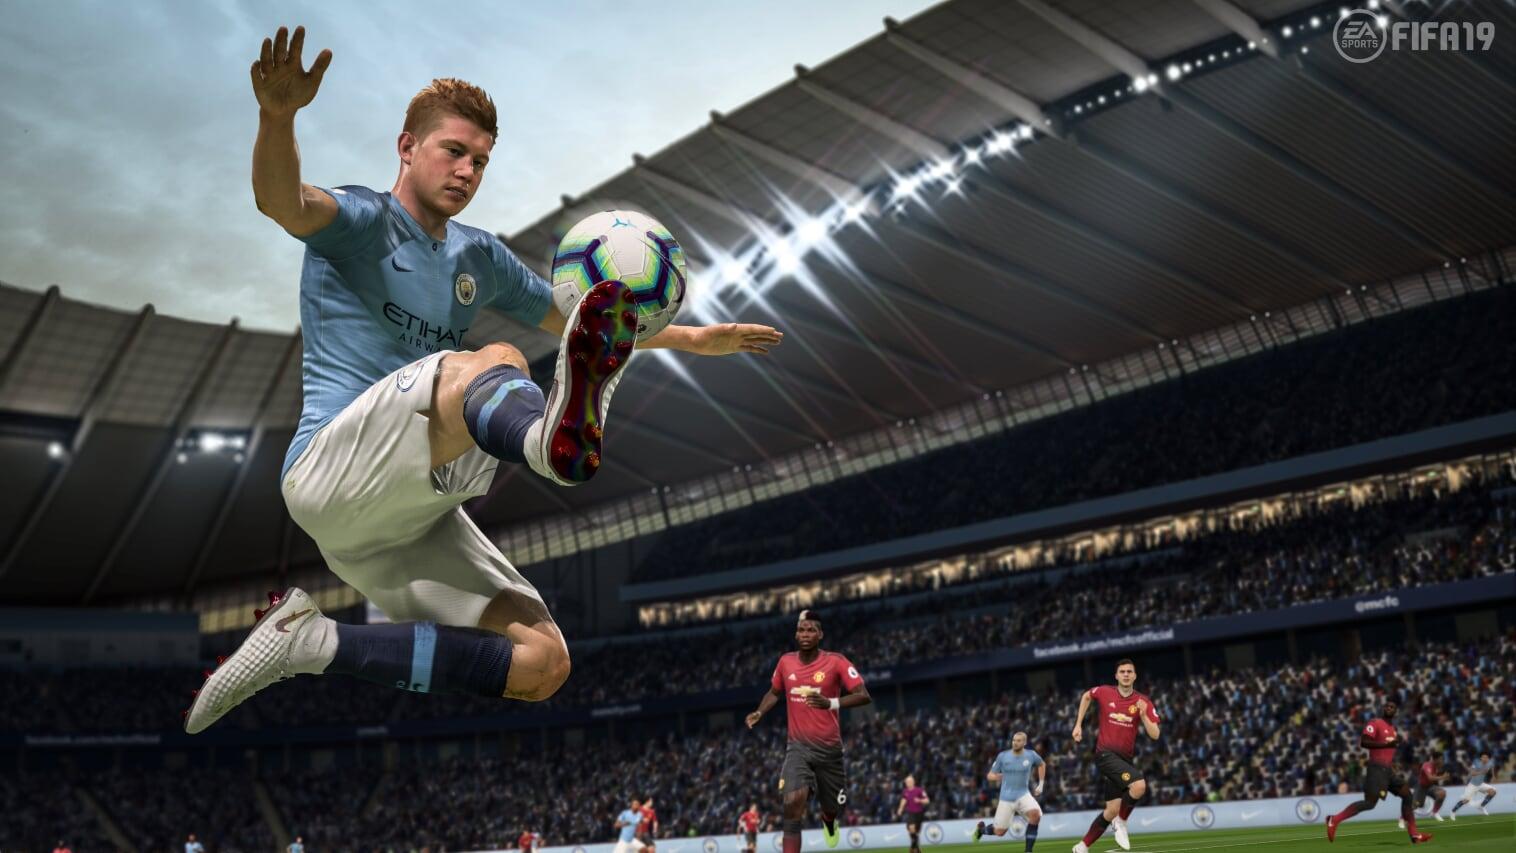 FIFA 19: Update behebt SBC-Fehler und bringt neue Ingame-Faces